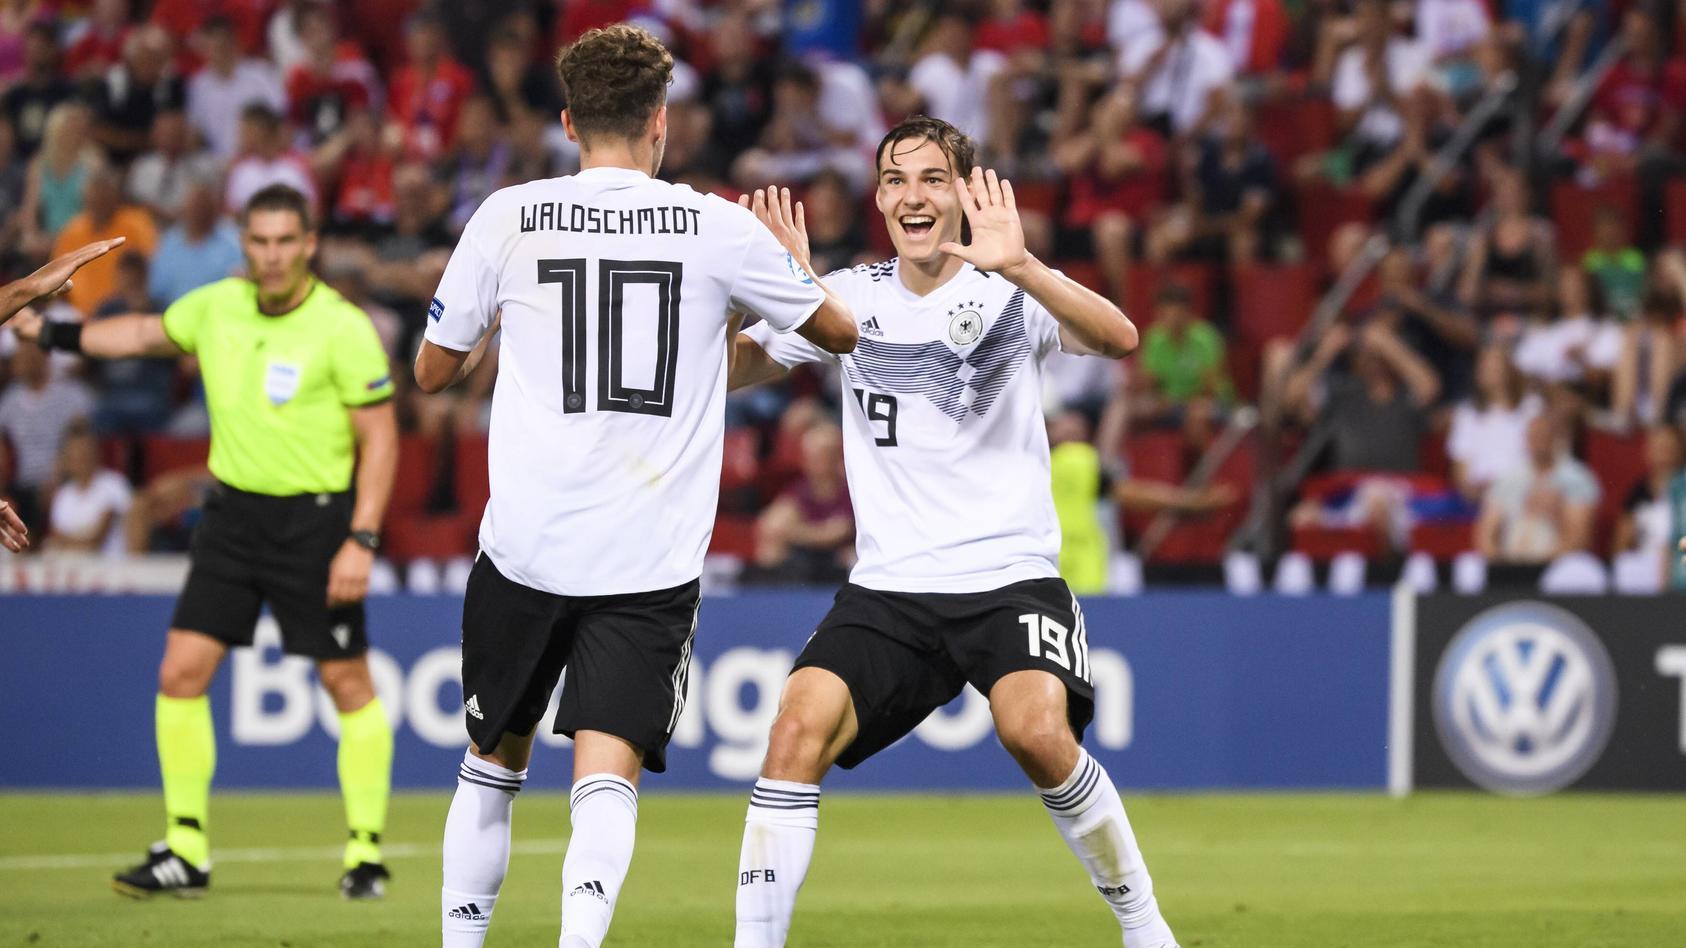 Auch gegen Rumänien wollen die DFB-Junioren wieder jubeln